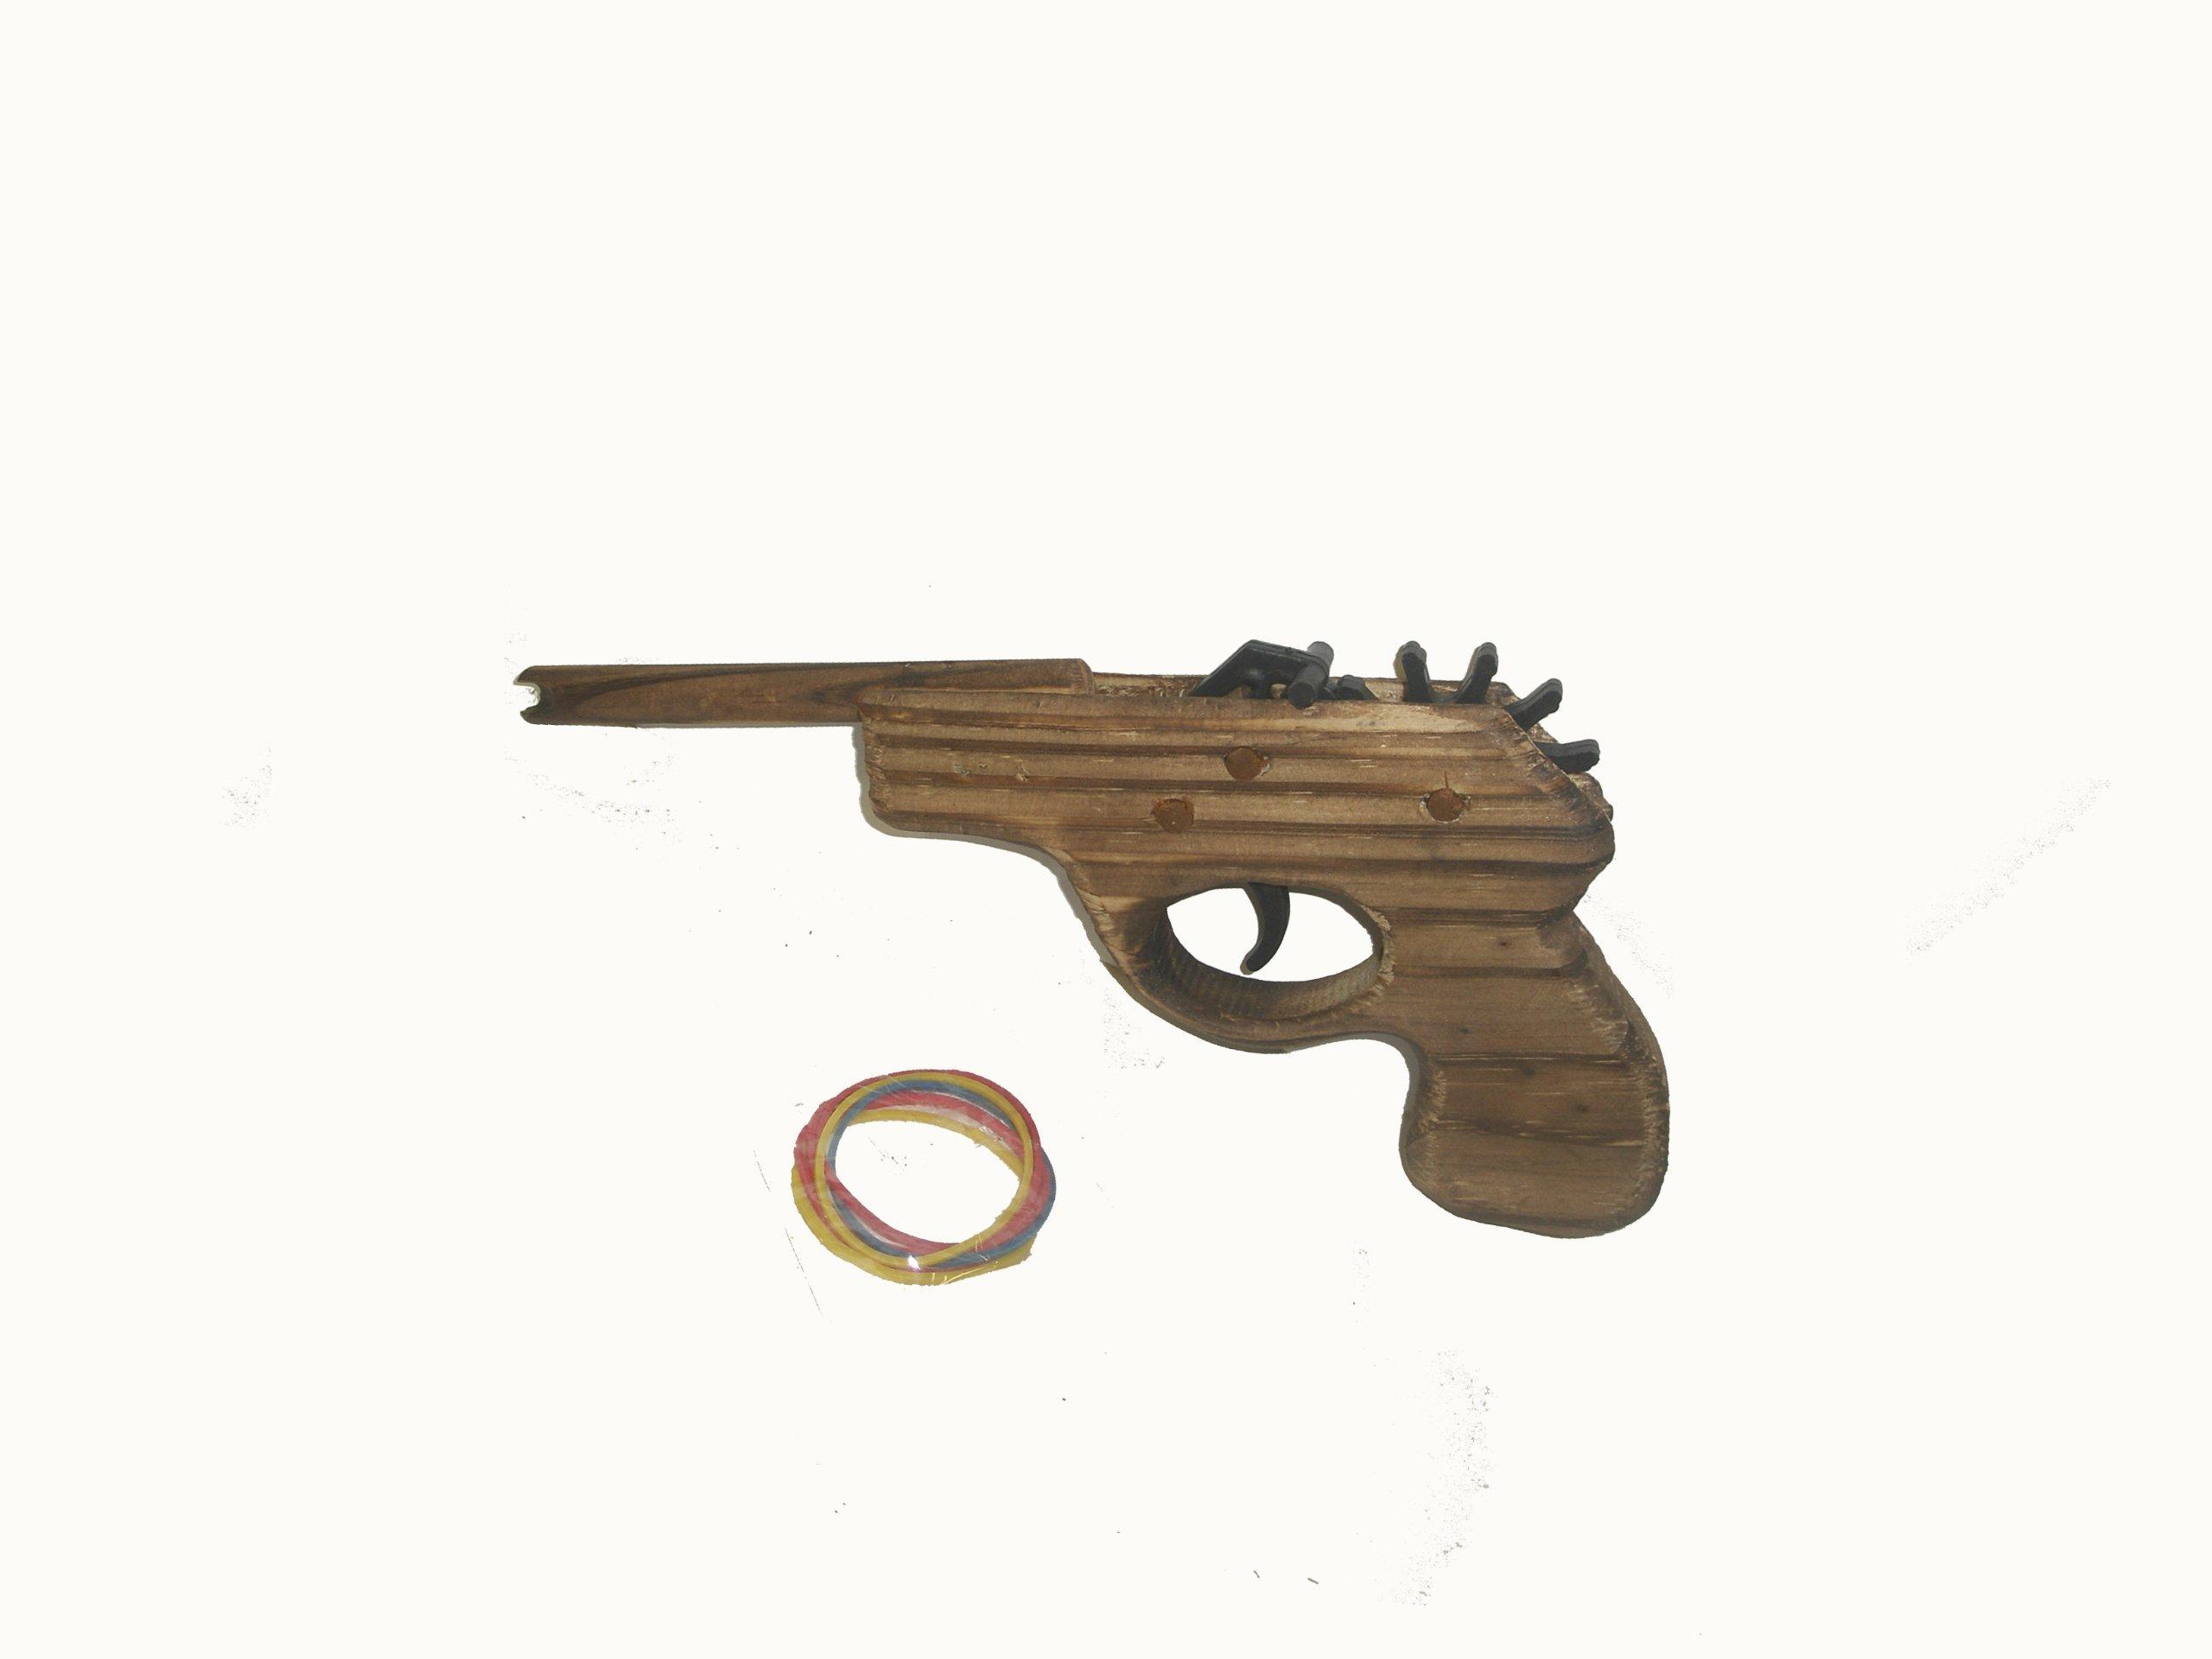 Rubber Band Gun Target Set; Rubber Band Pistol Target Set; Wooden Toy, Wooden Rubber Band Gun; Classic Rubber Band Pistol; Archery Target Set; Children's Play set;